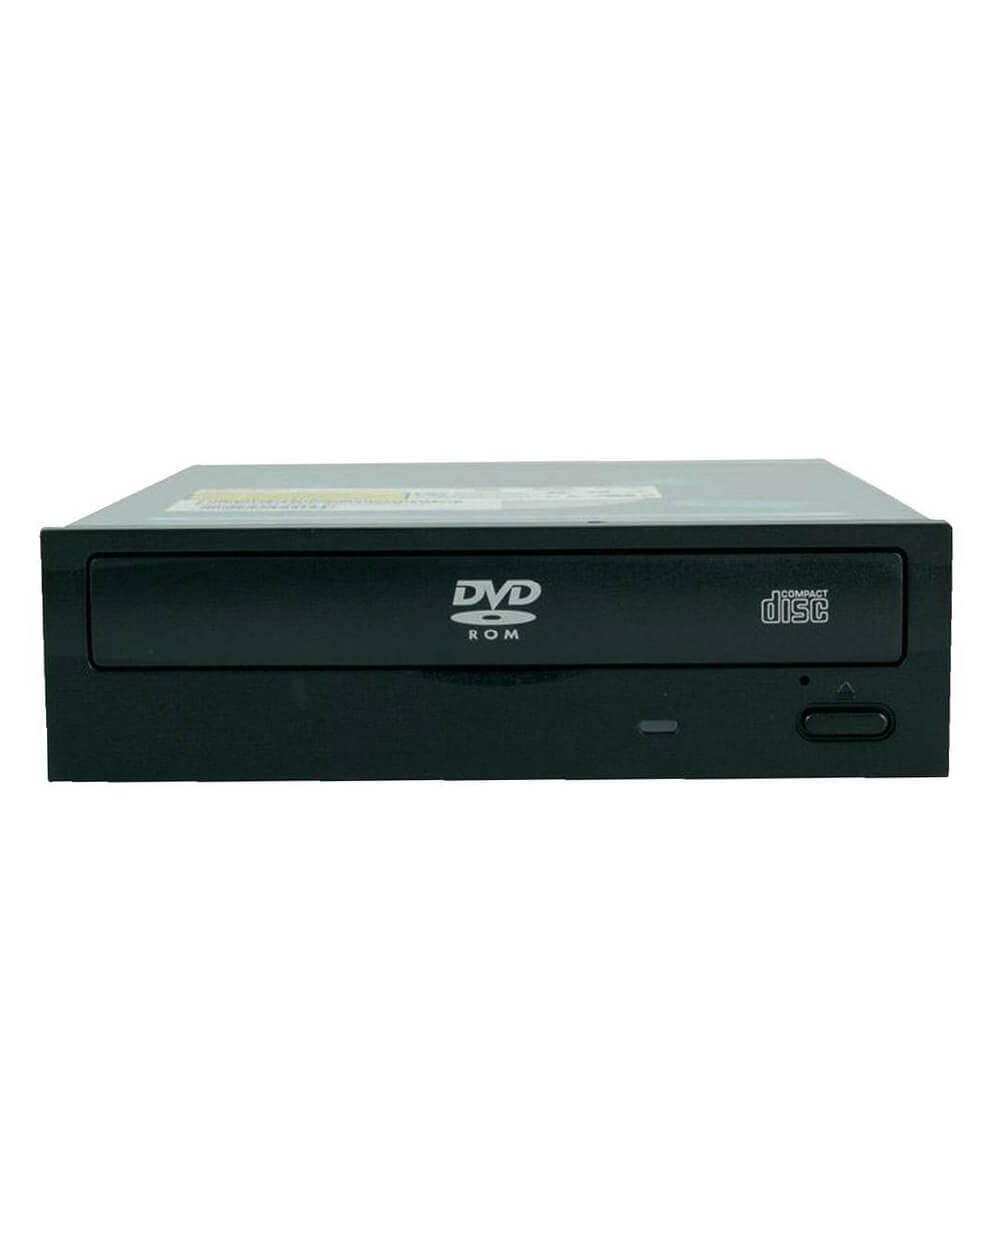 Hình ảnh Ổ đĩa DVD - RW ( ghi đĩa ) - tặng cáp sata